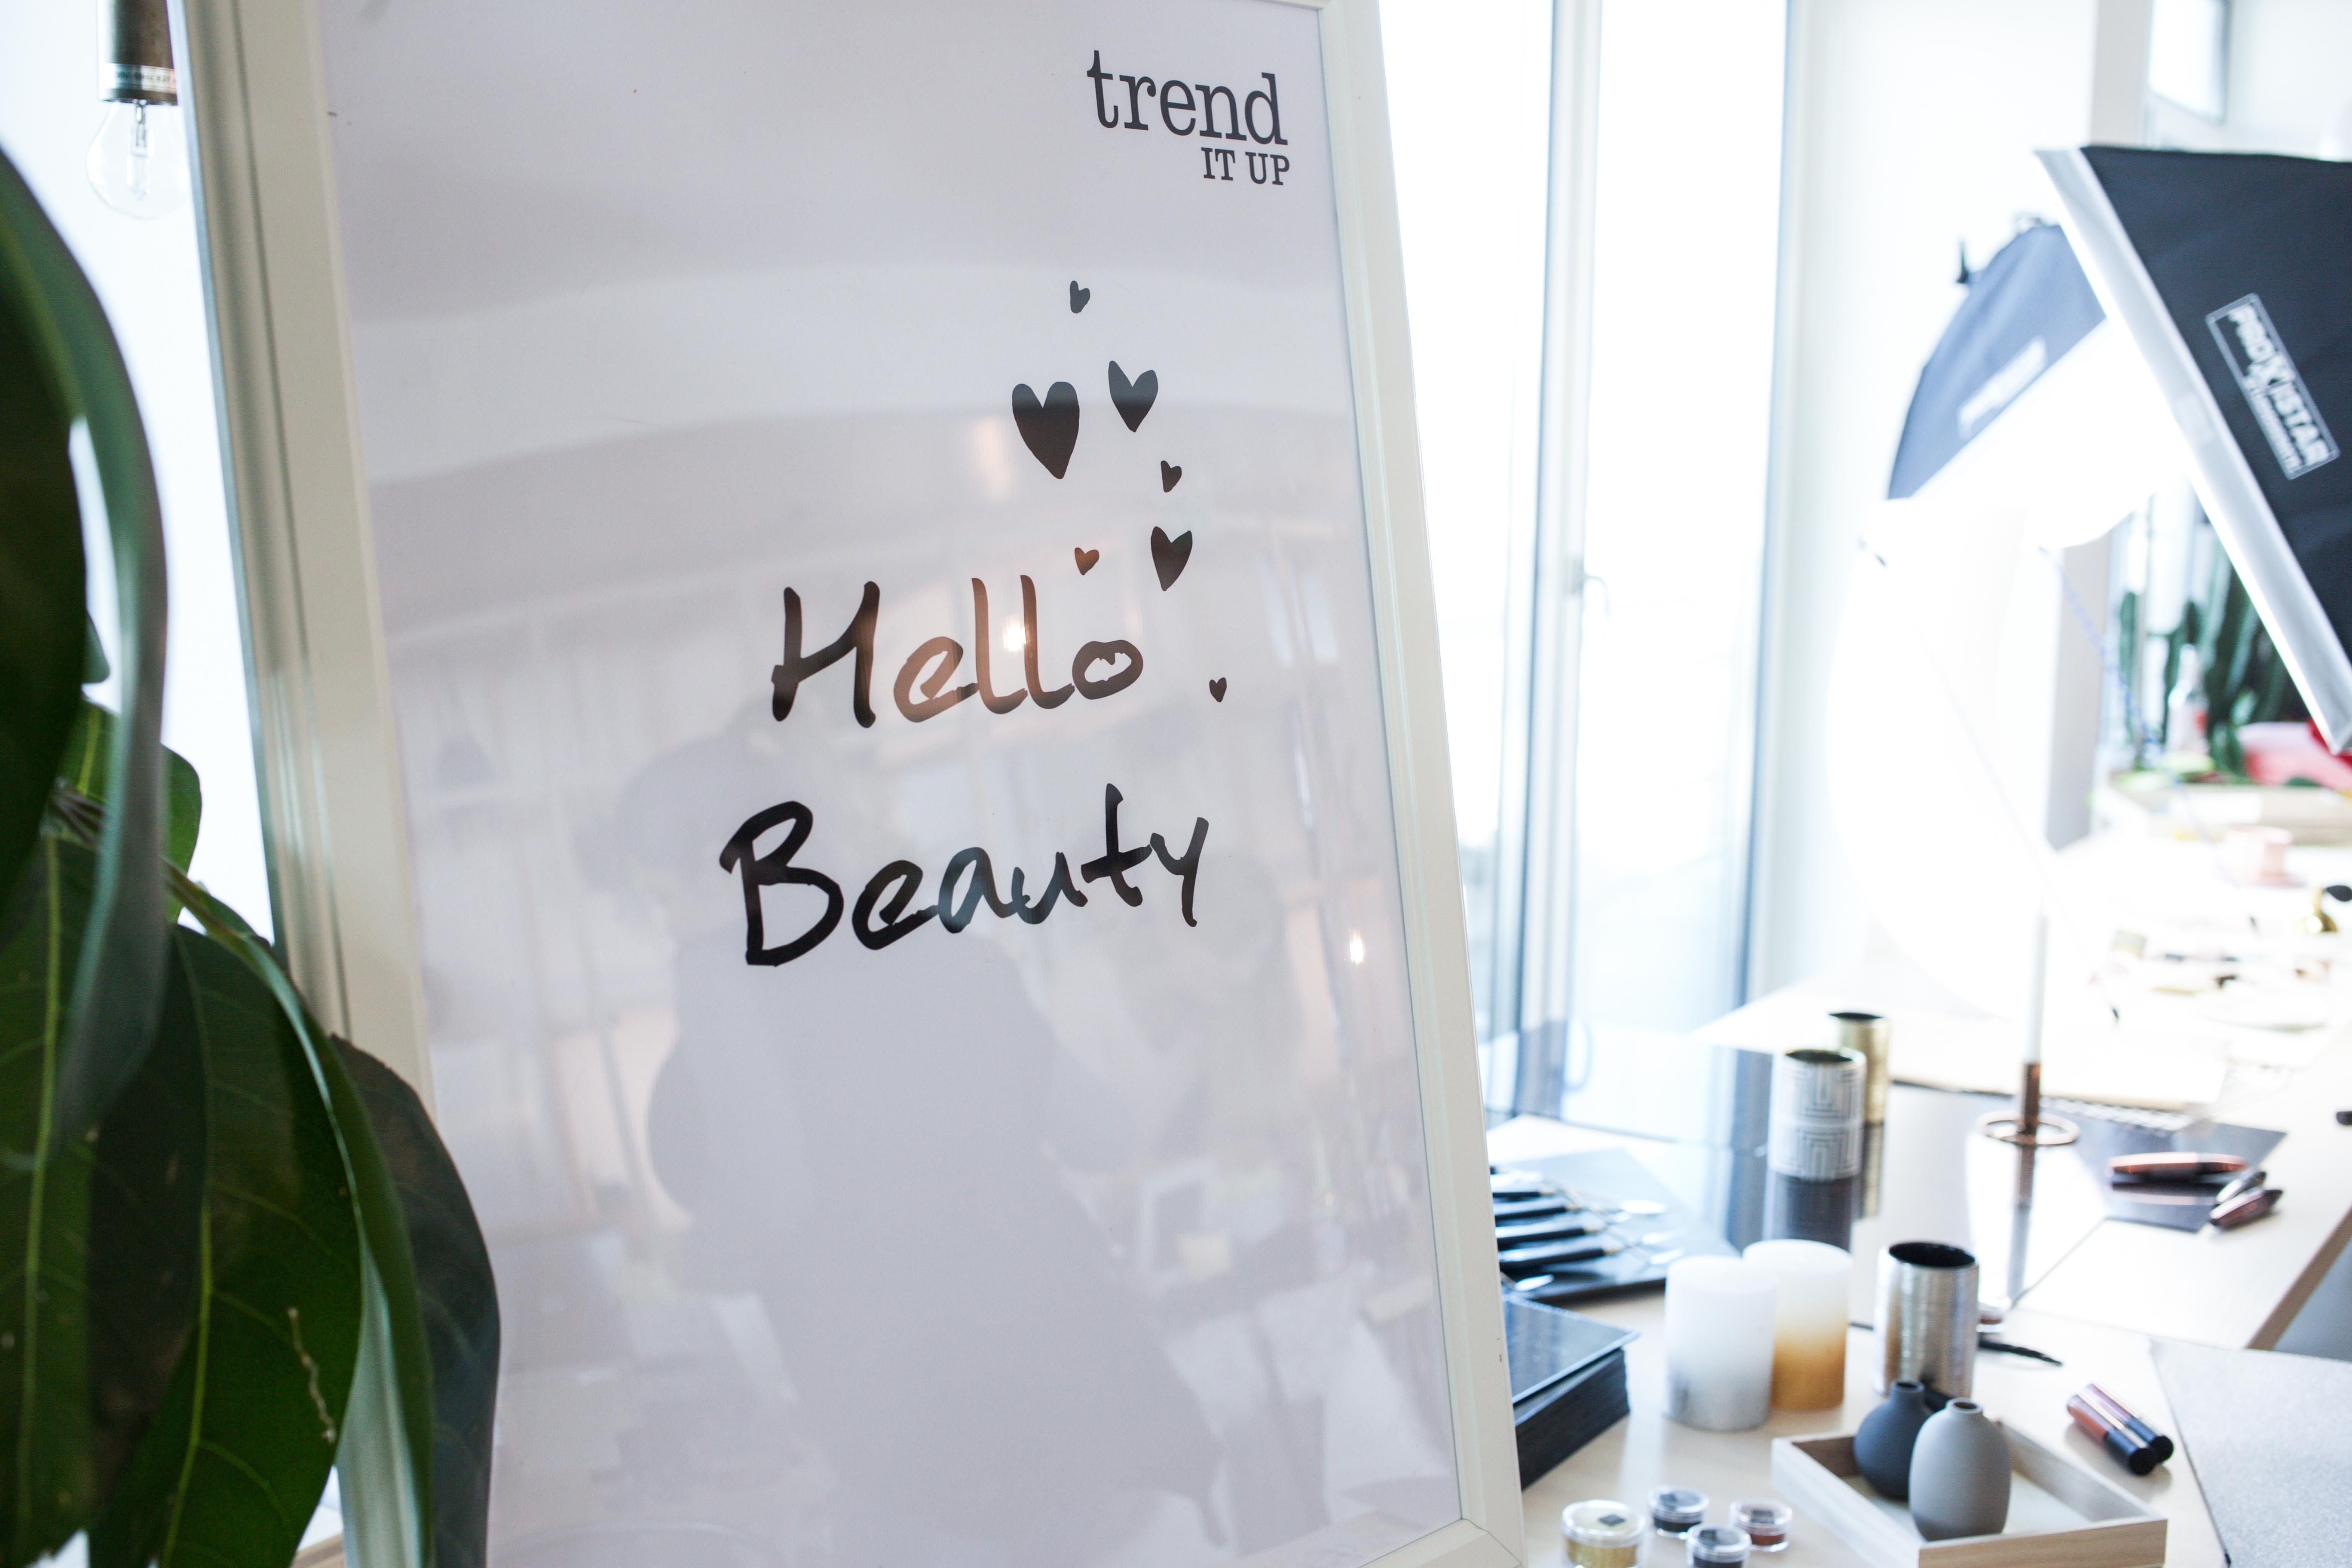 dm-trend-it-up-neuheiten-beauty-make-up-muc_0018